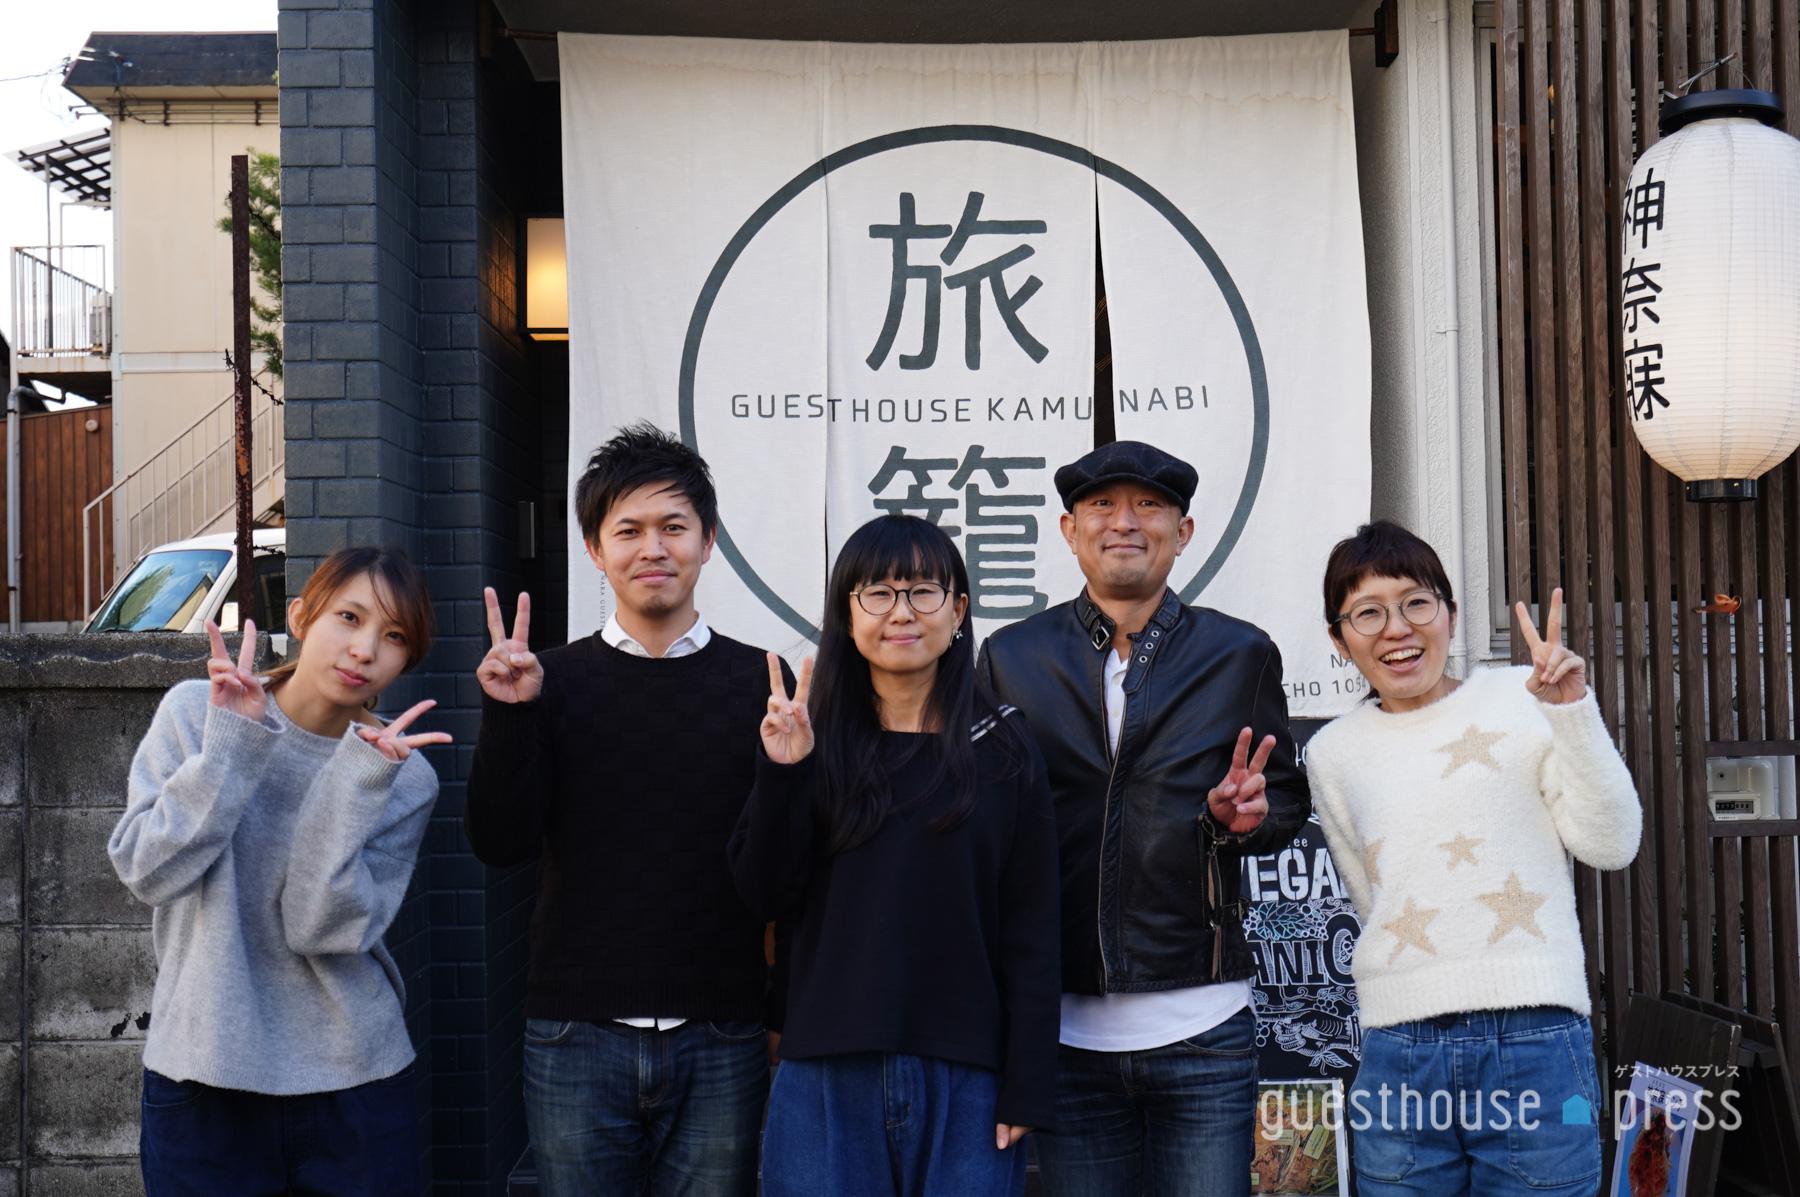 FM802DJ土井コマキさんを囲んでスタッフのみなさまで記念撮影!